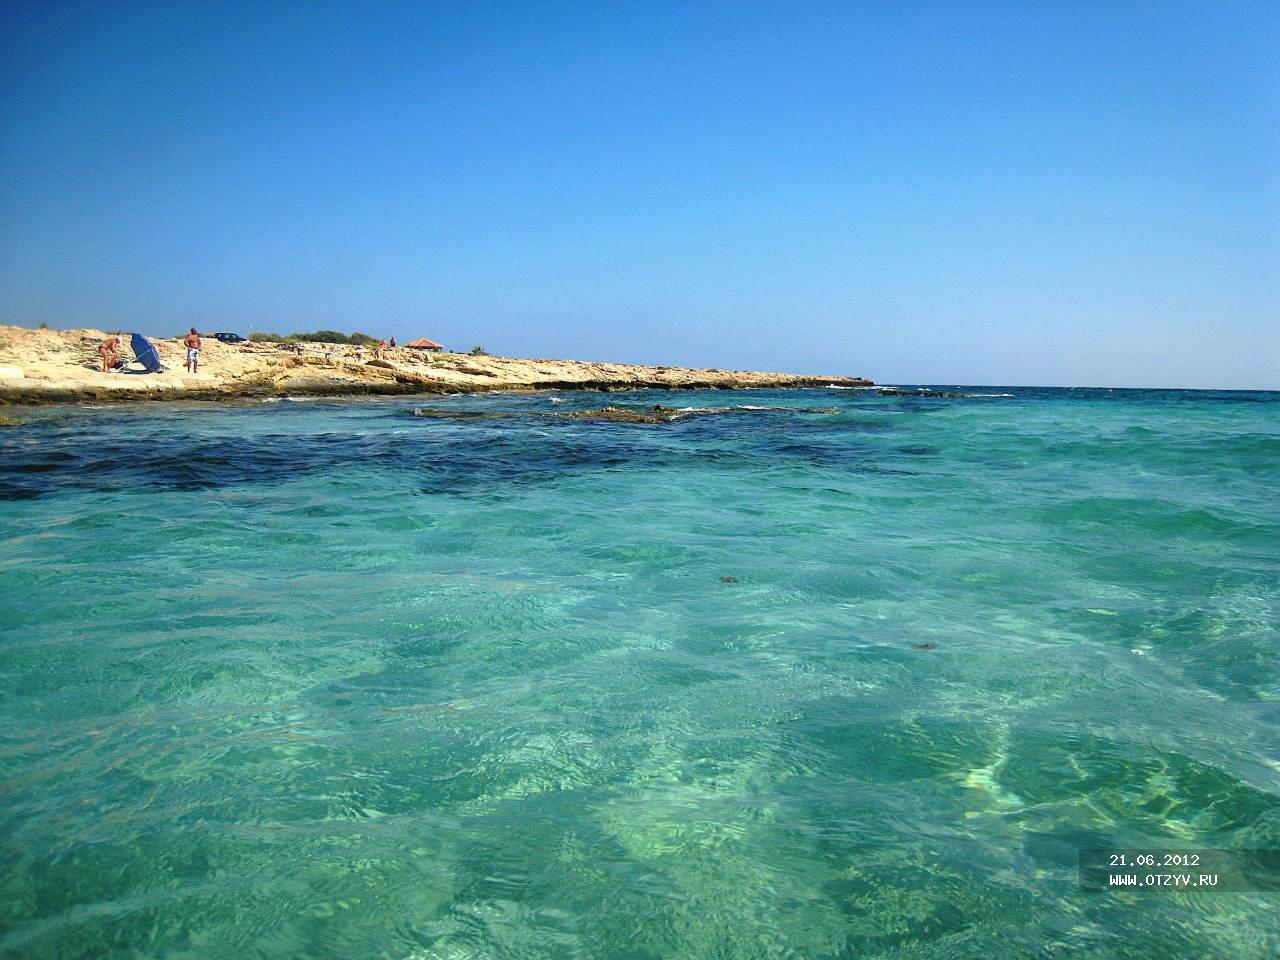 Кипр айя напа сентябрь